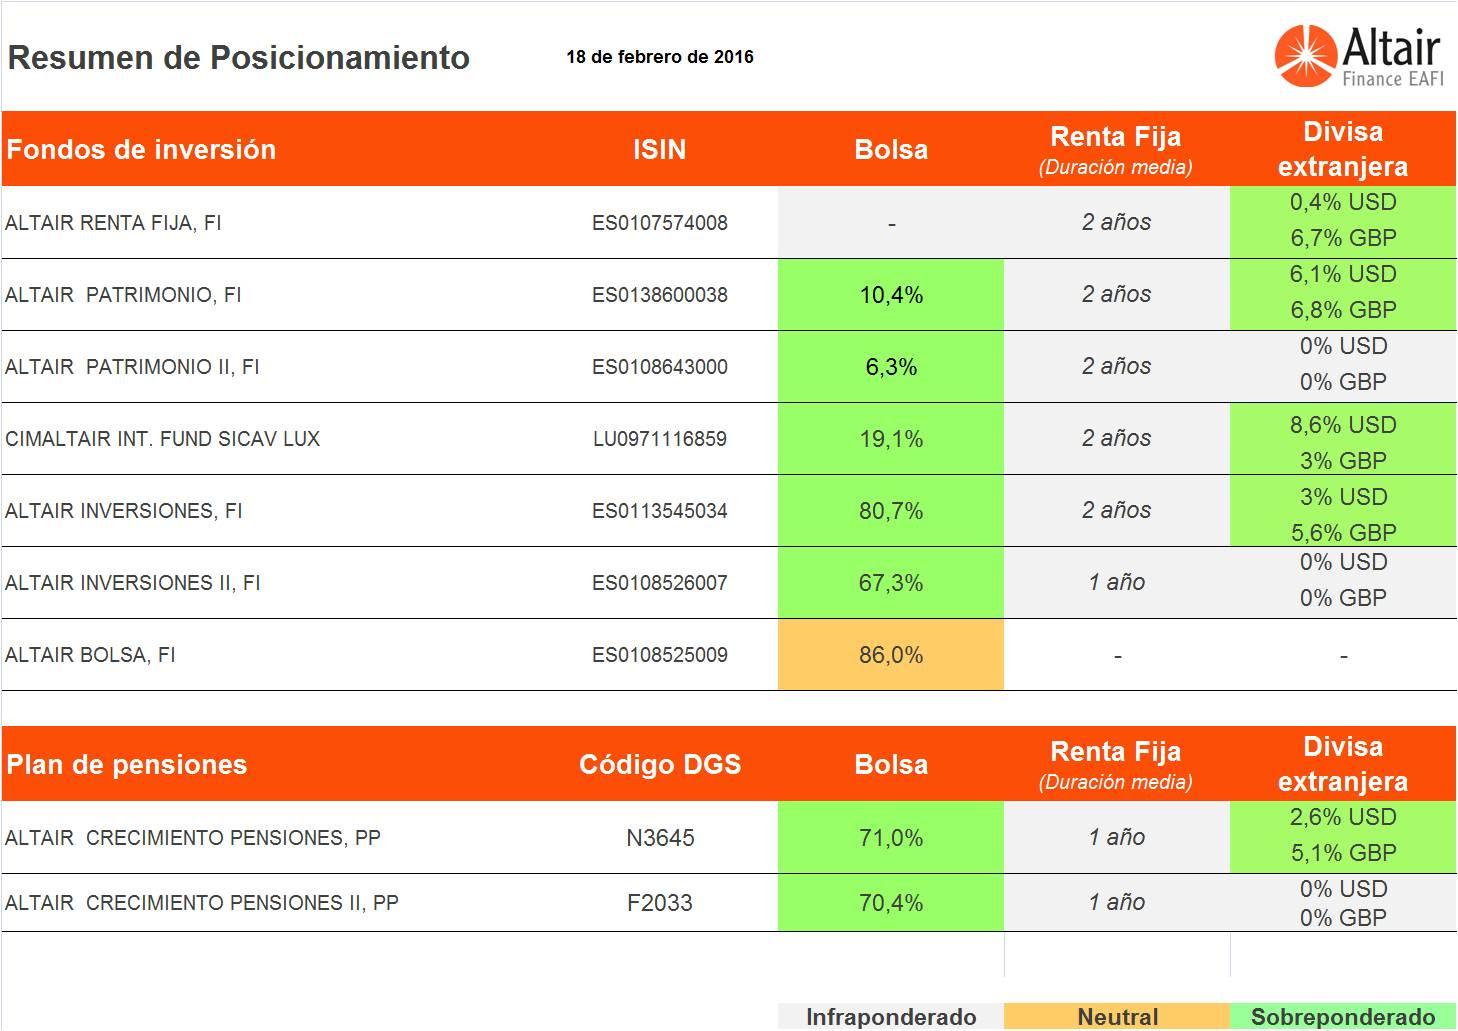 cuadro-posicionamiento-fondos-asesorados-Altair-Finance-18-febrero